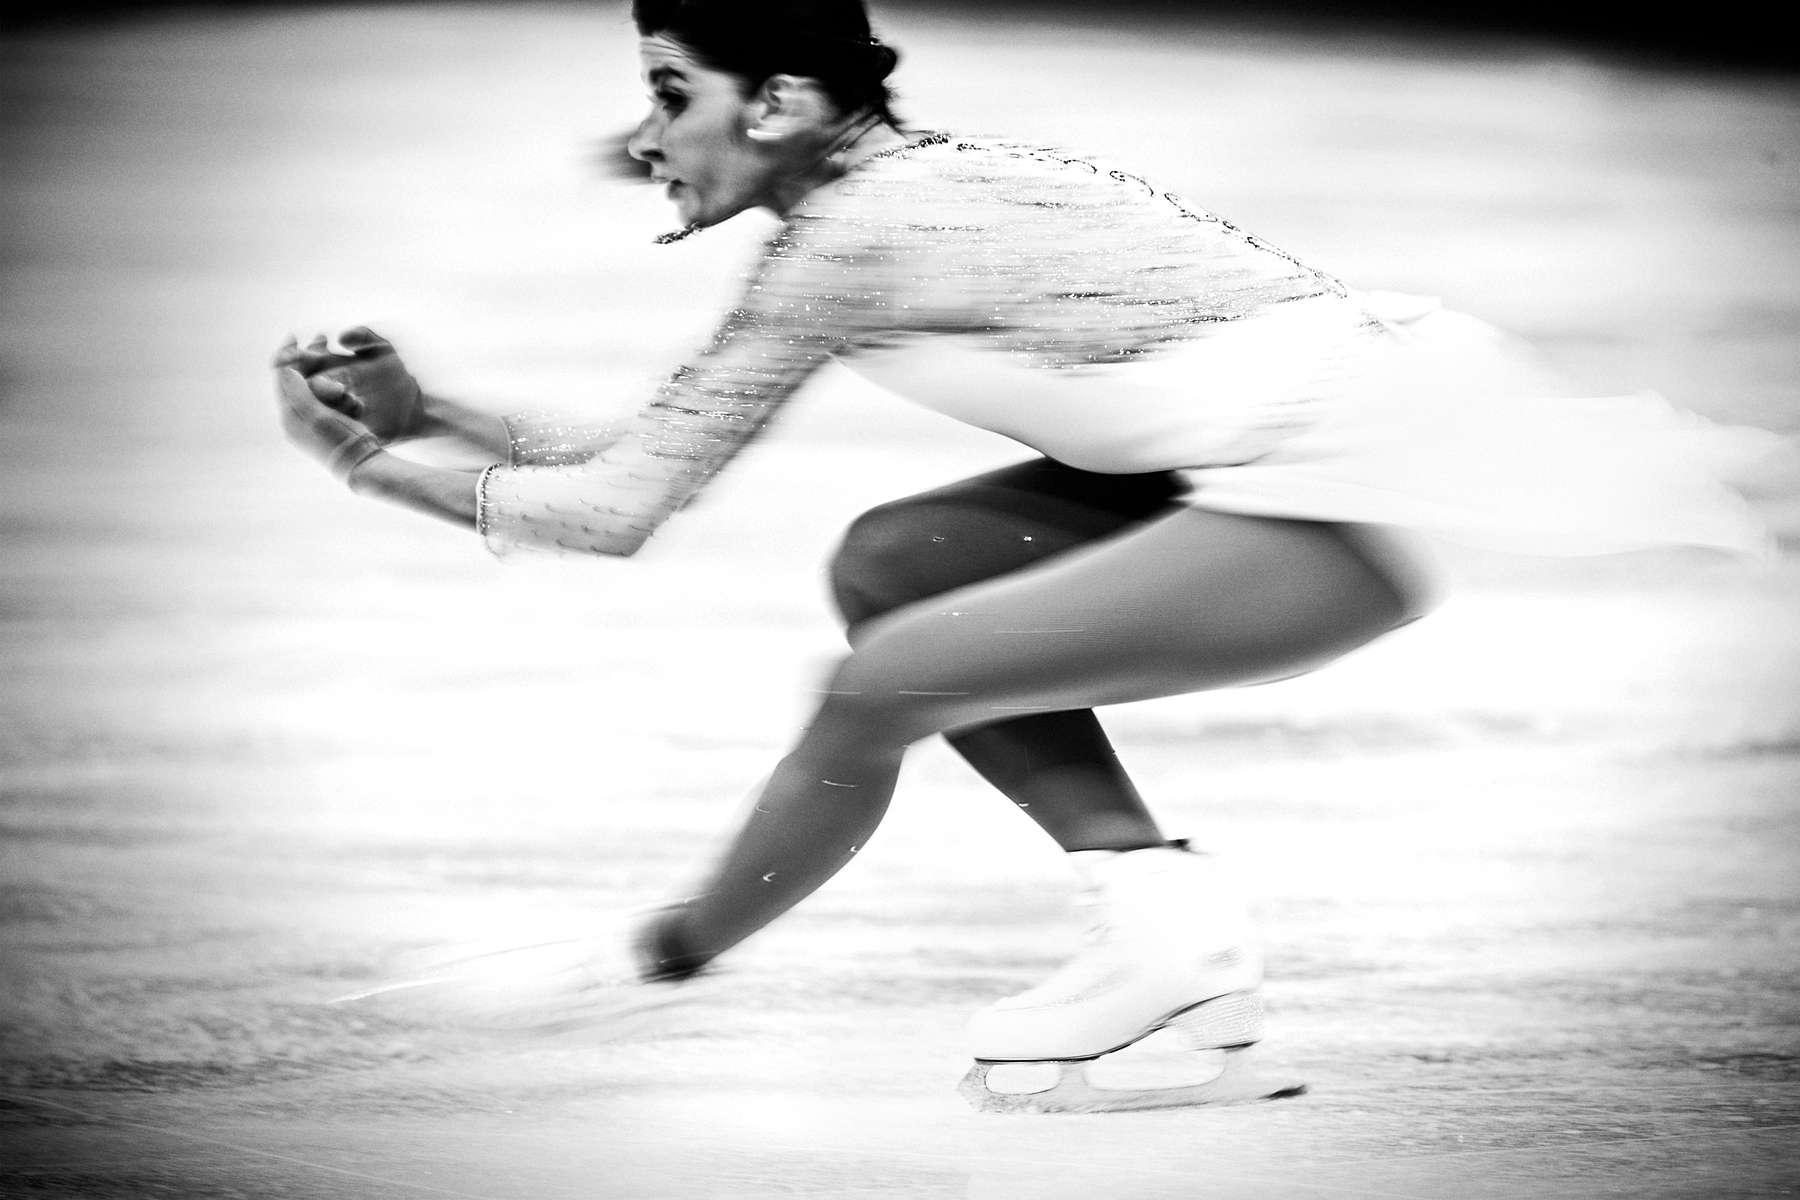 Women's Figure Skating, Short Program.